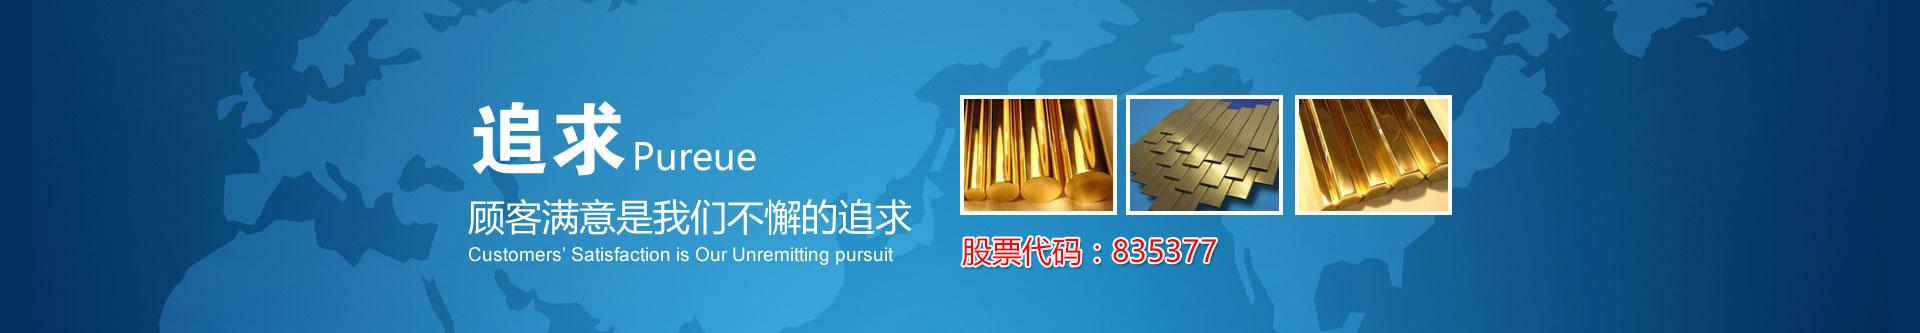 北京赛车信誉平台